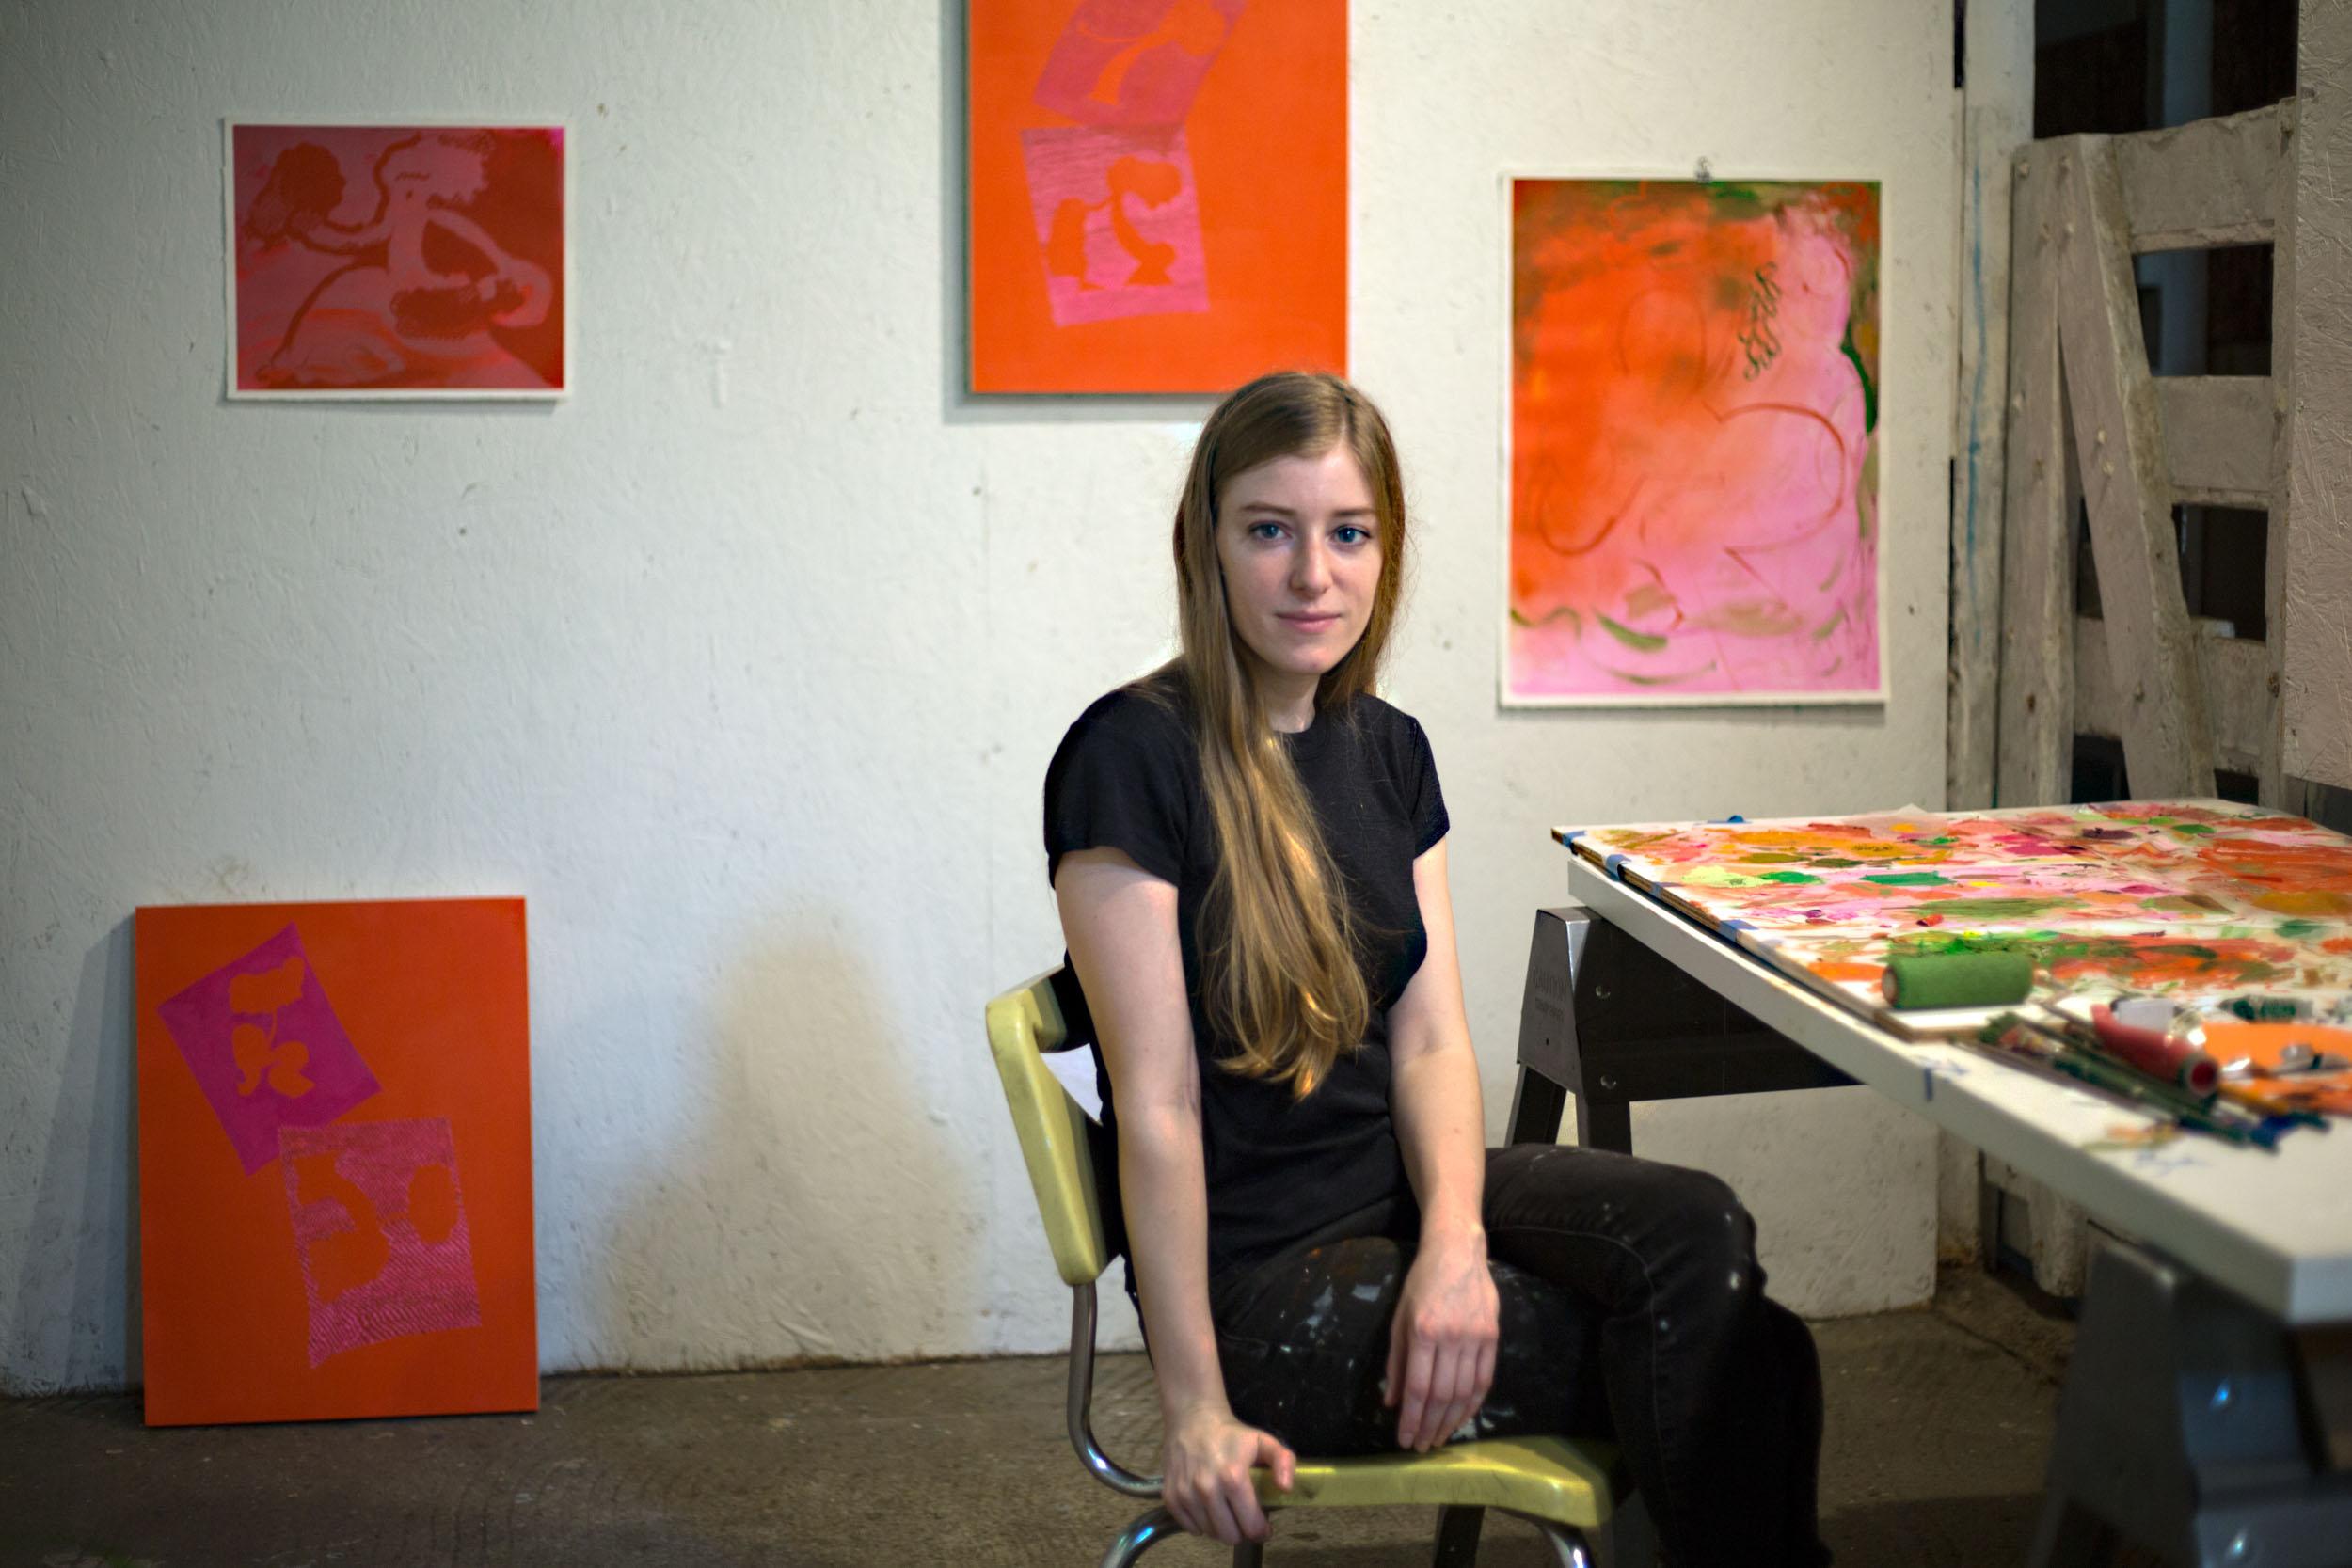 wassaic-project-artist-elizabeth-allen-cannon-2018-08-28-10-16-13.jpg